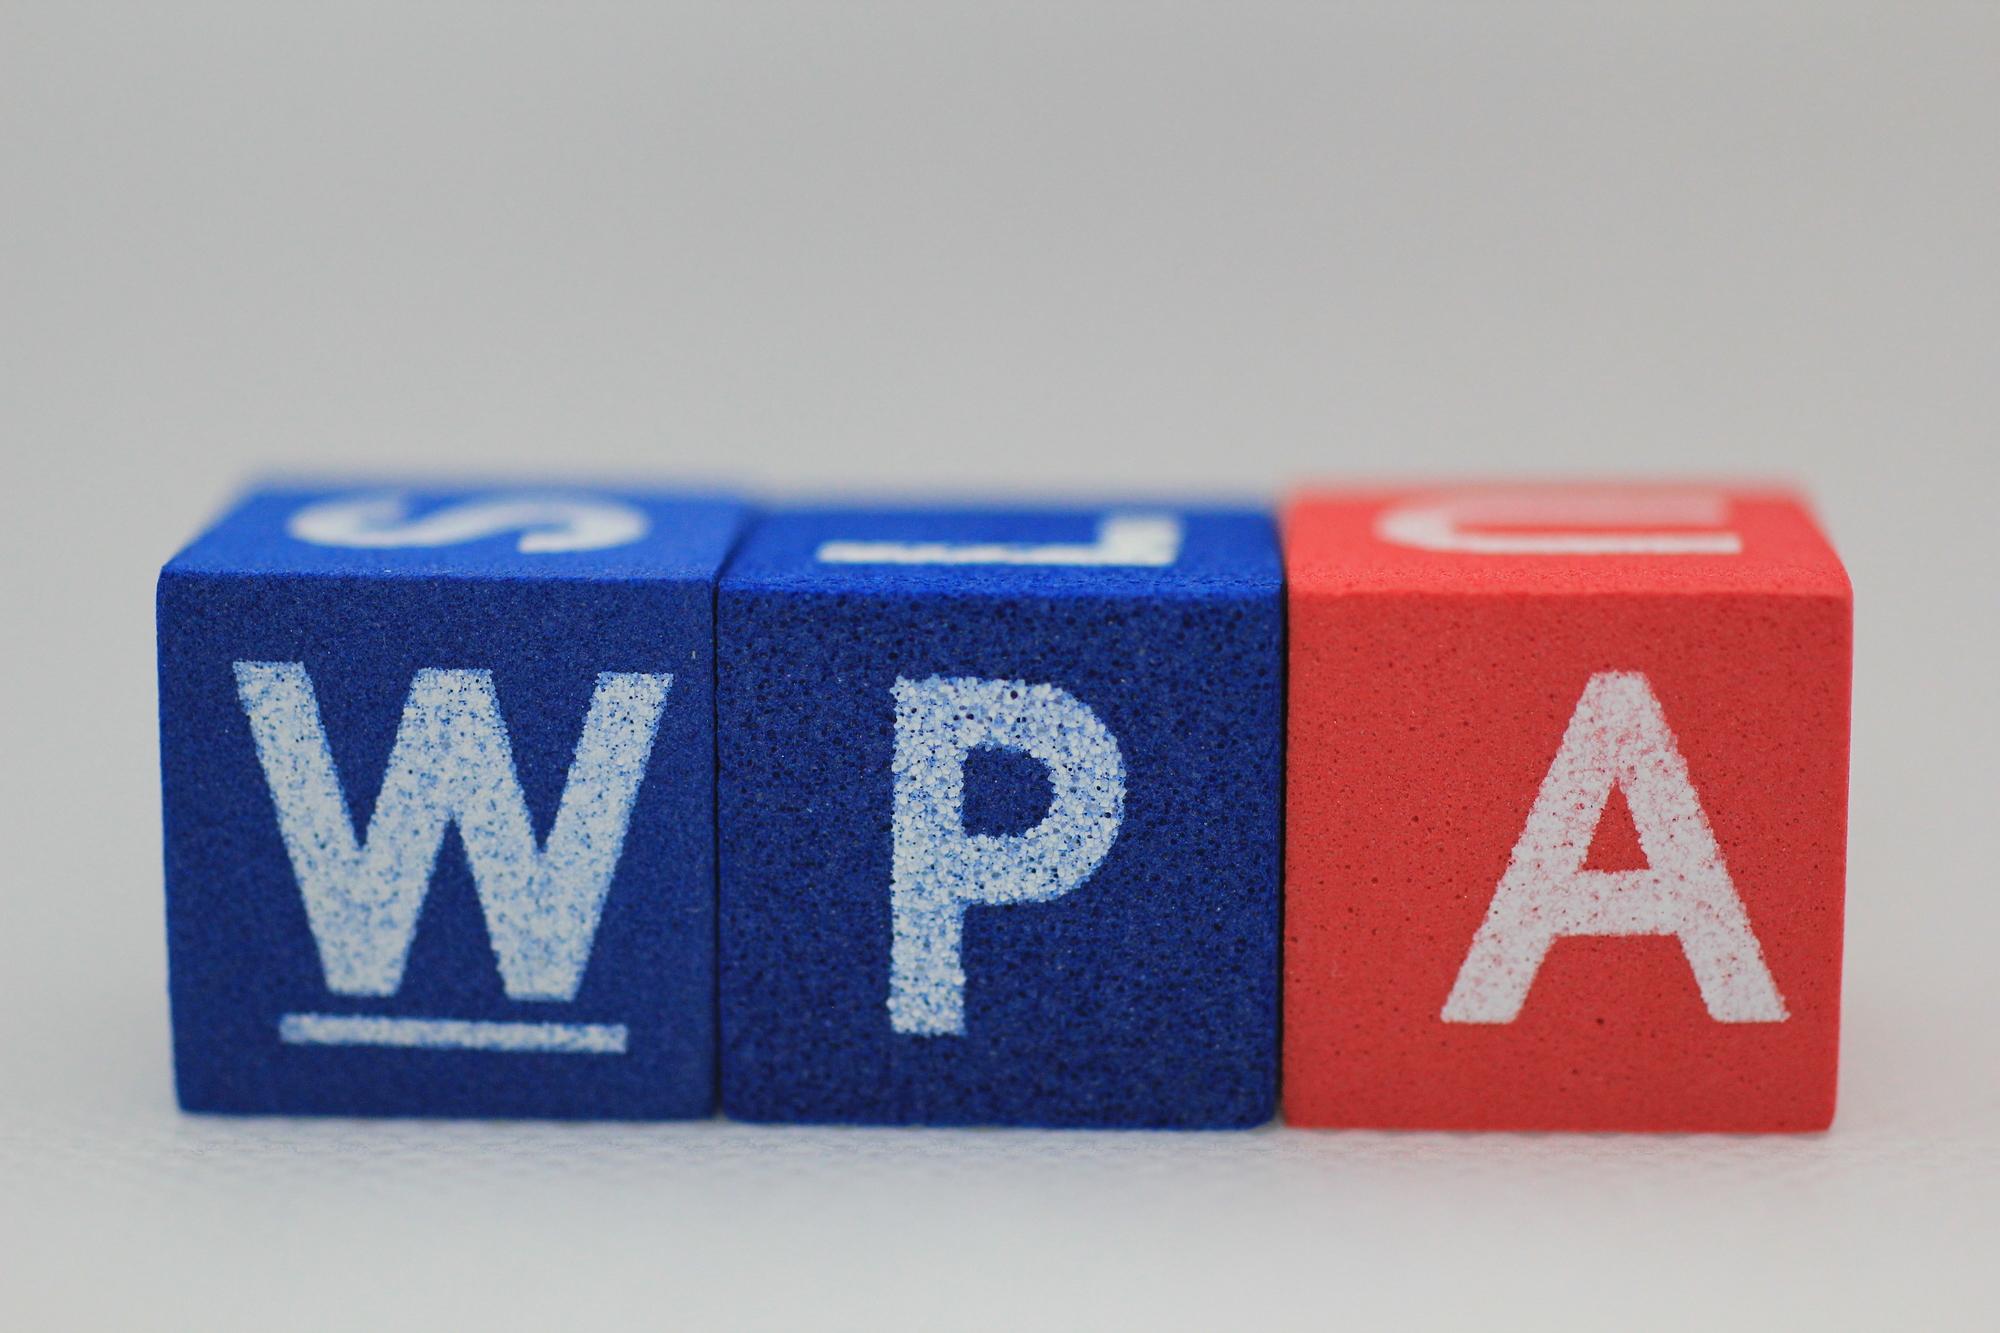 今主流のWi-FiセキュリティWPAとWPA2とは?おすすめの理由も紹介のアイキャッチイメージ